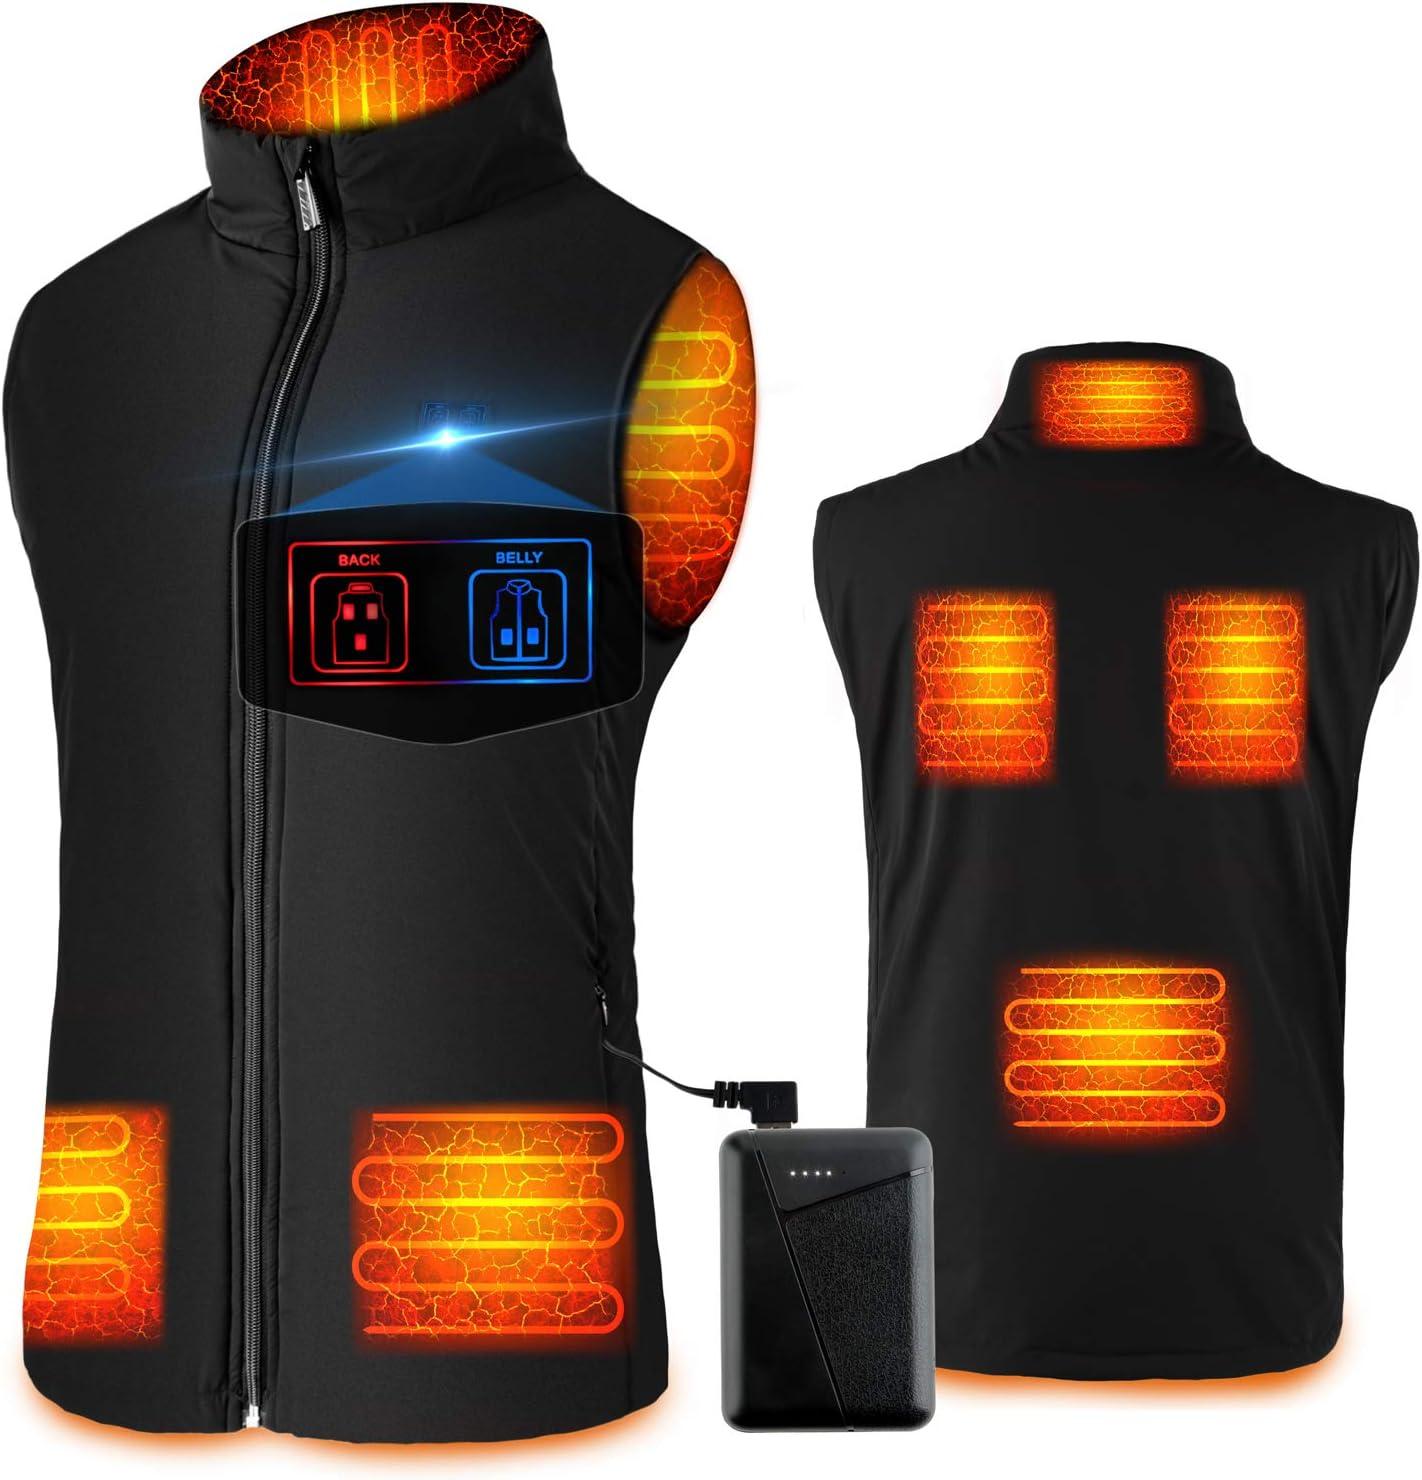 SHAALEK Gilet chauffant pour homme et femme Veste chauffante rechargeable avec batterie